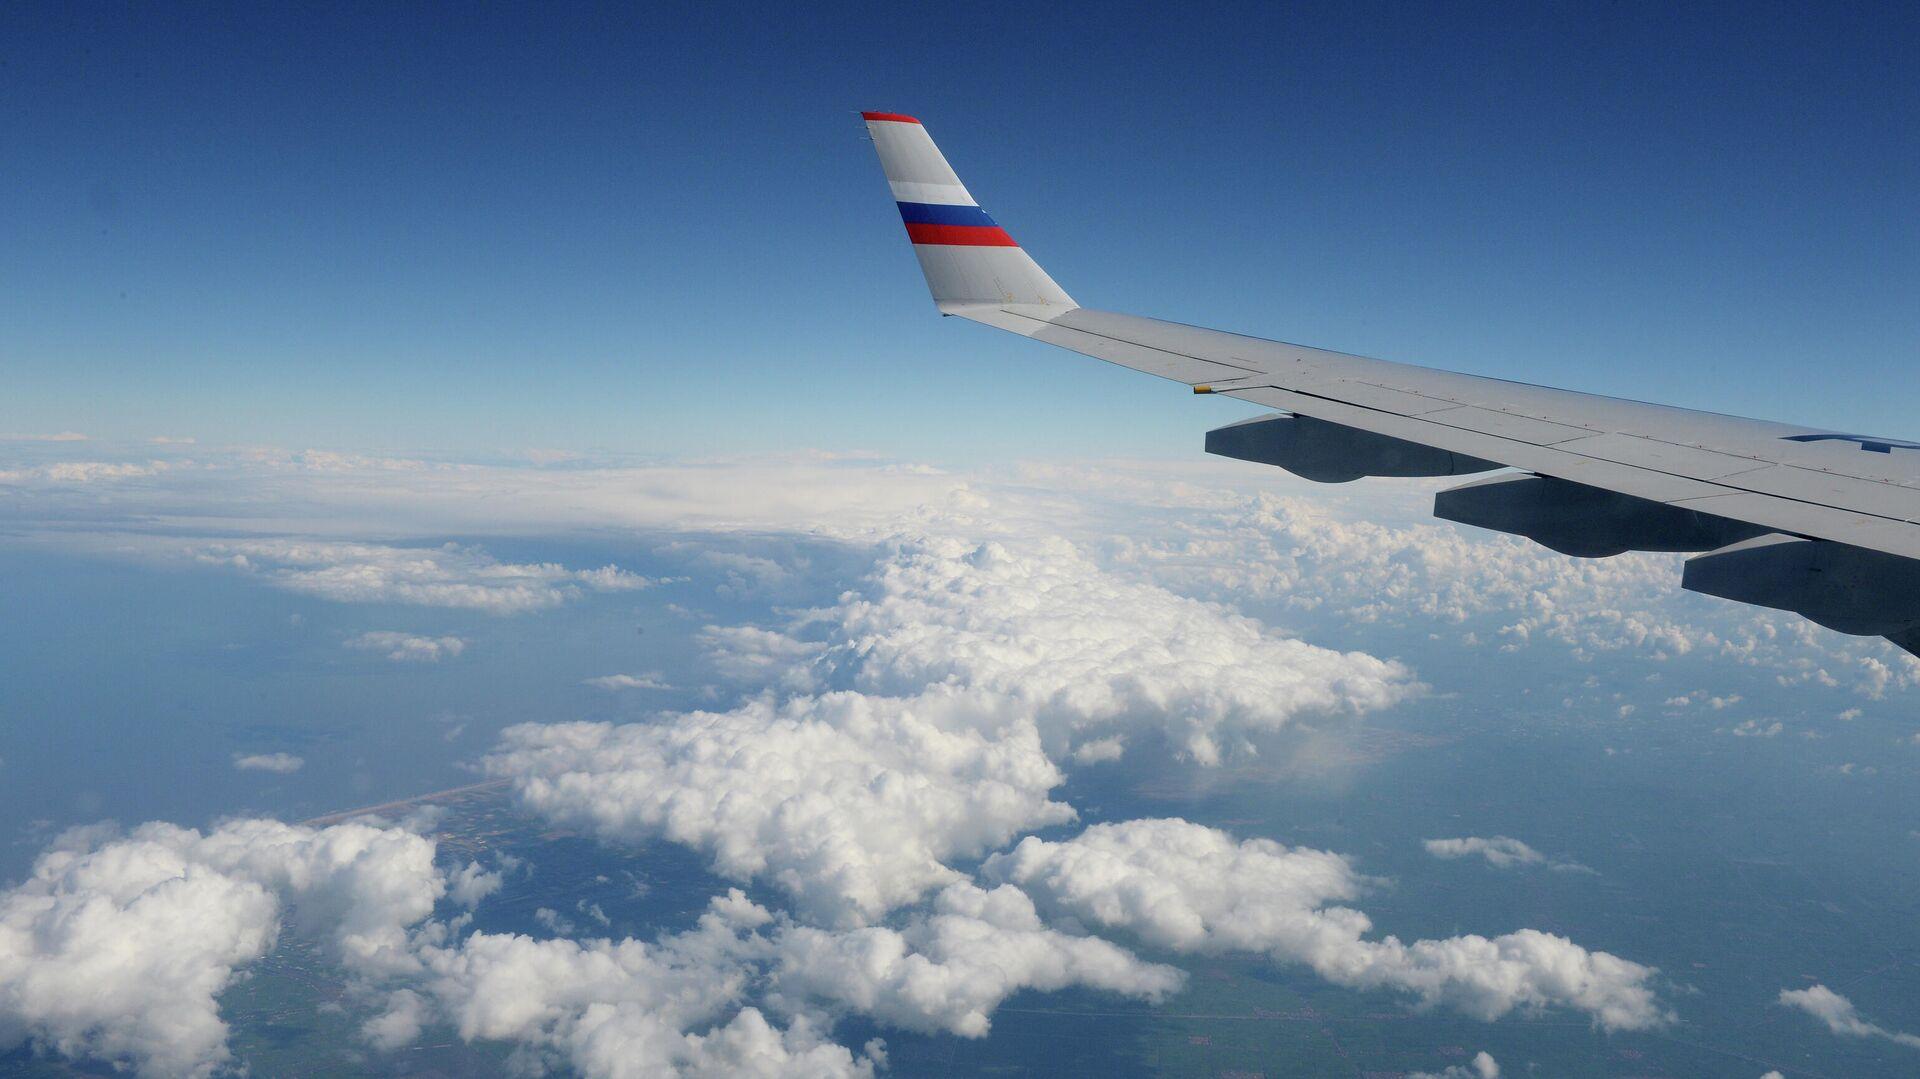 Вид из окна российского самолета во время полета - РИА Новости, 1920, 14.10.2021